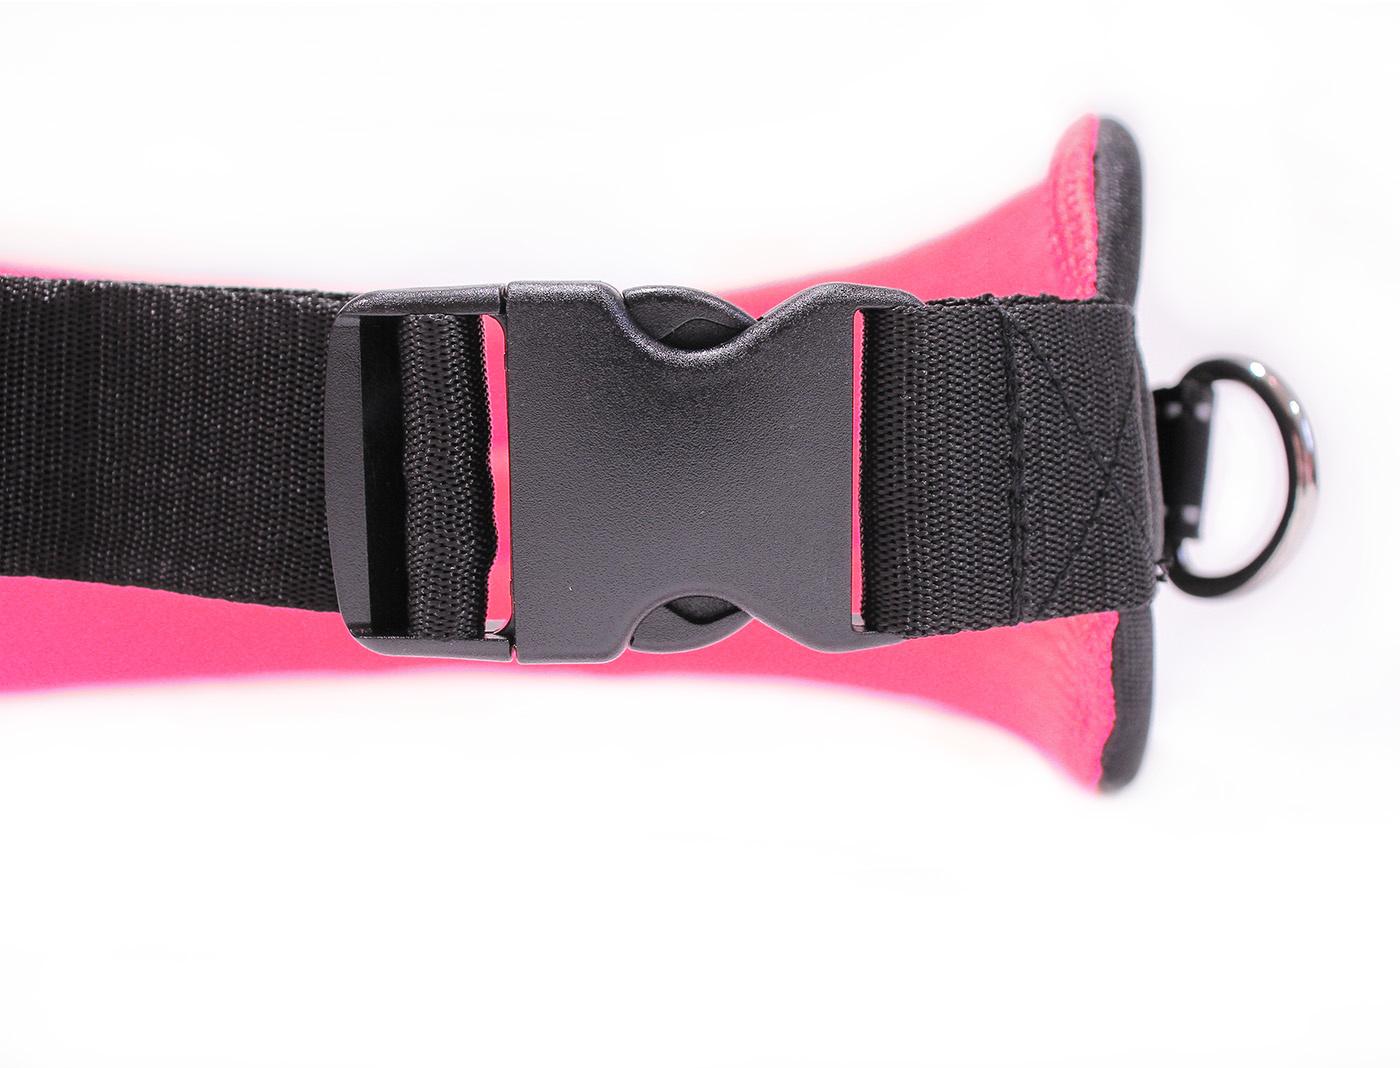 LasaLine LasaLine Canicross Jogging und Laufgürtel mit Reflektoren in Schwarz Neonpink